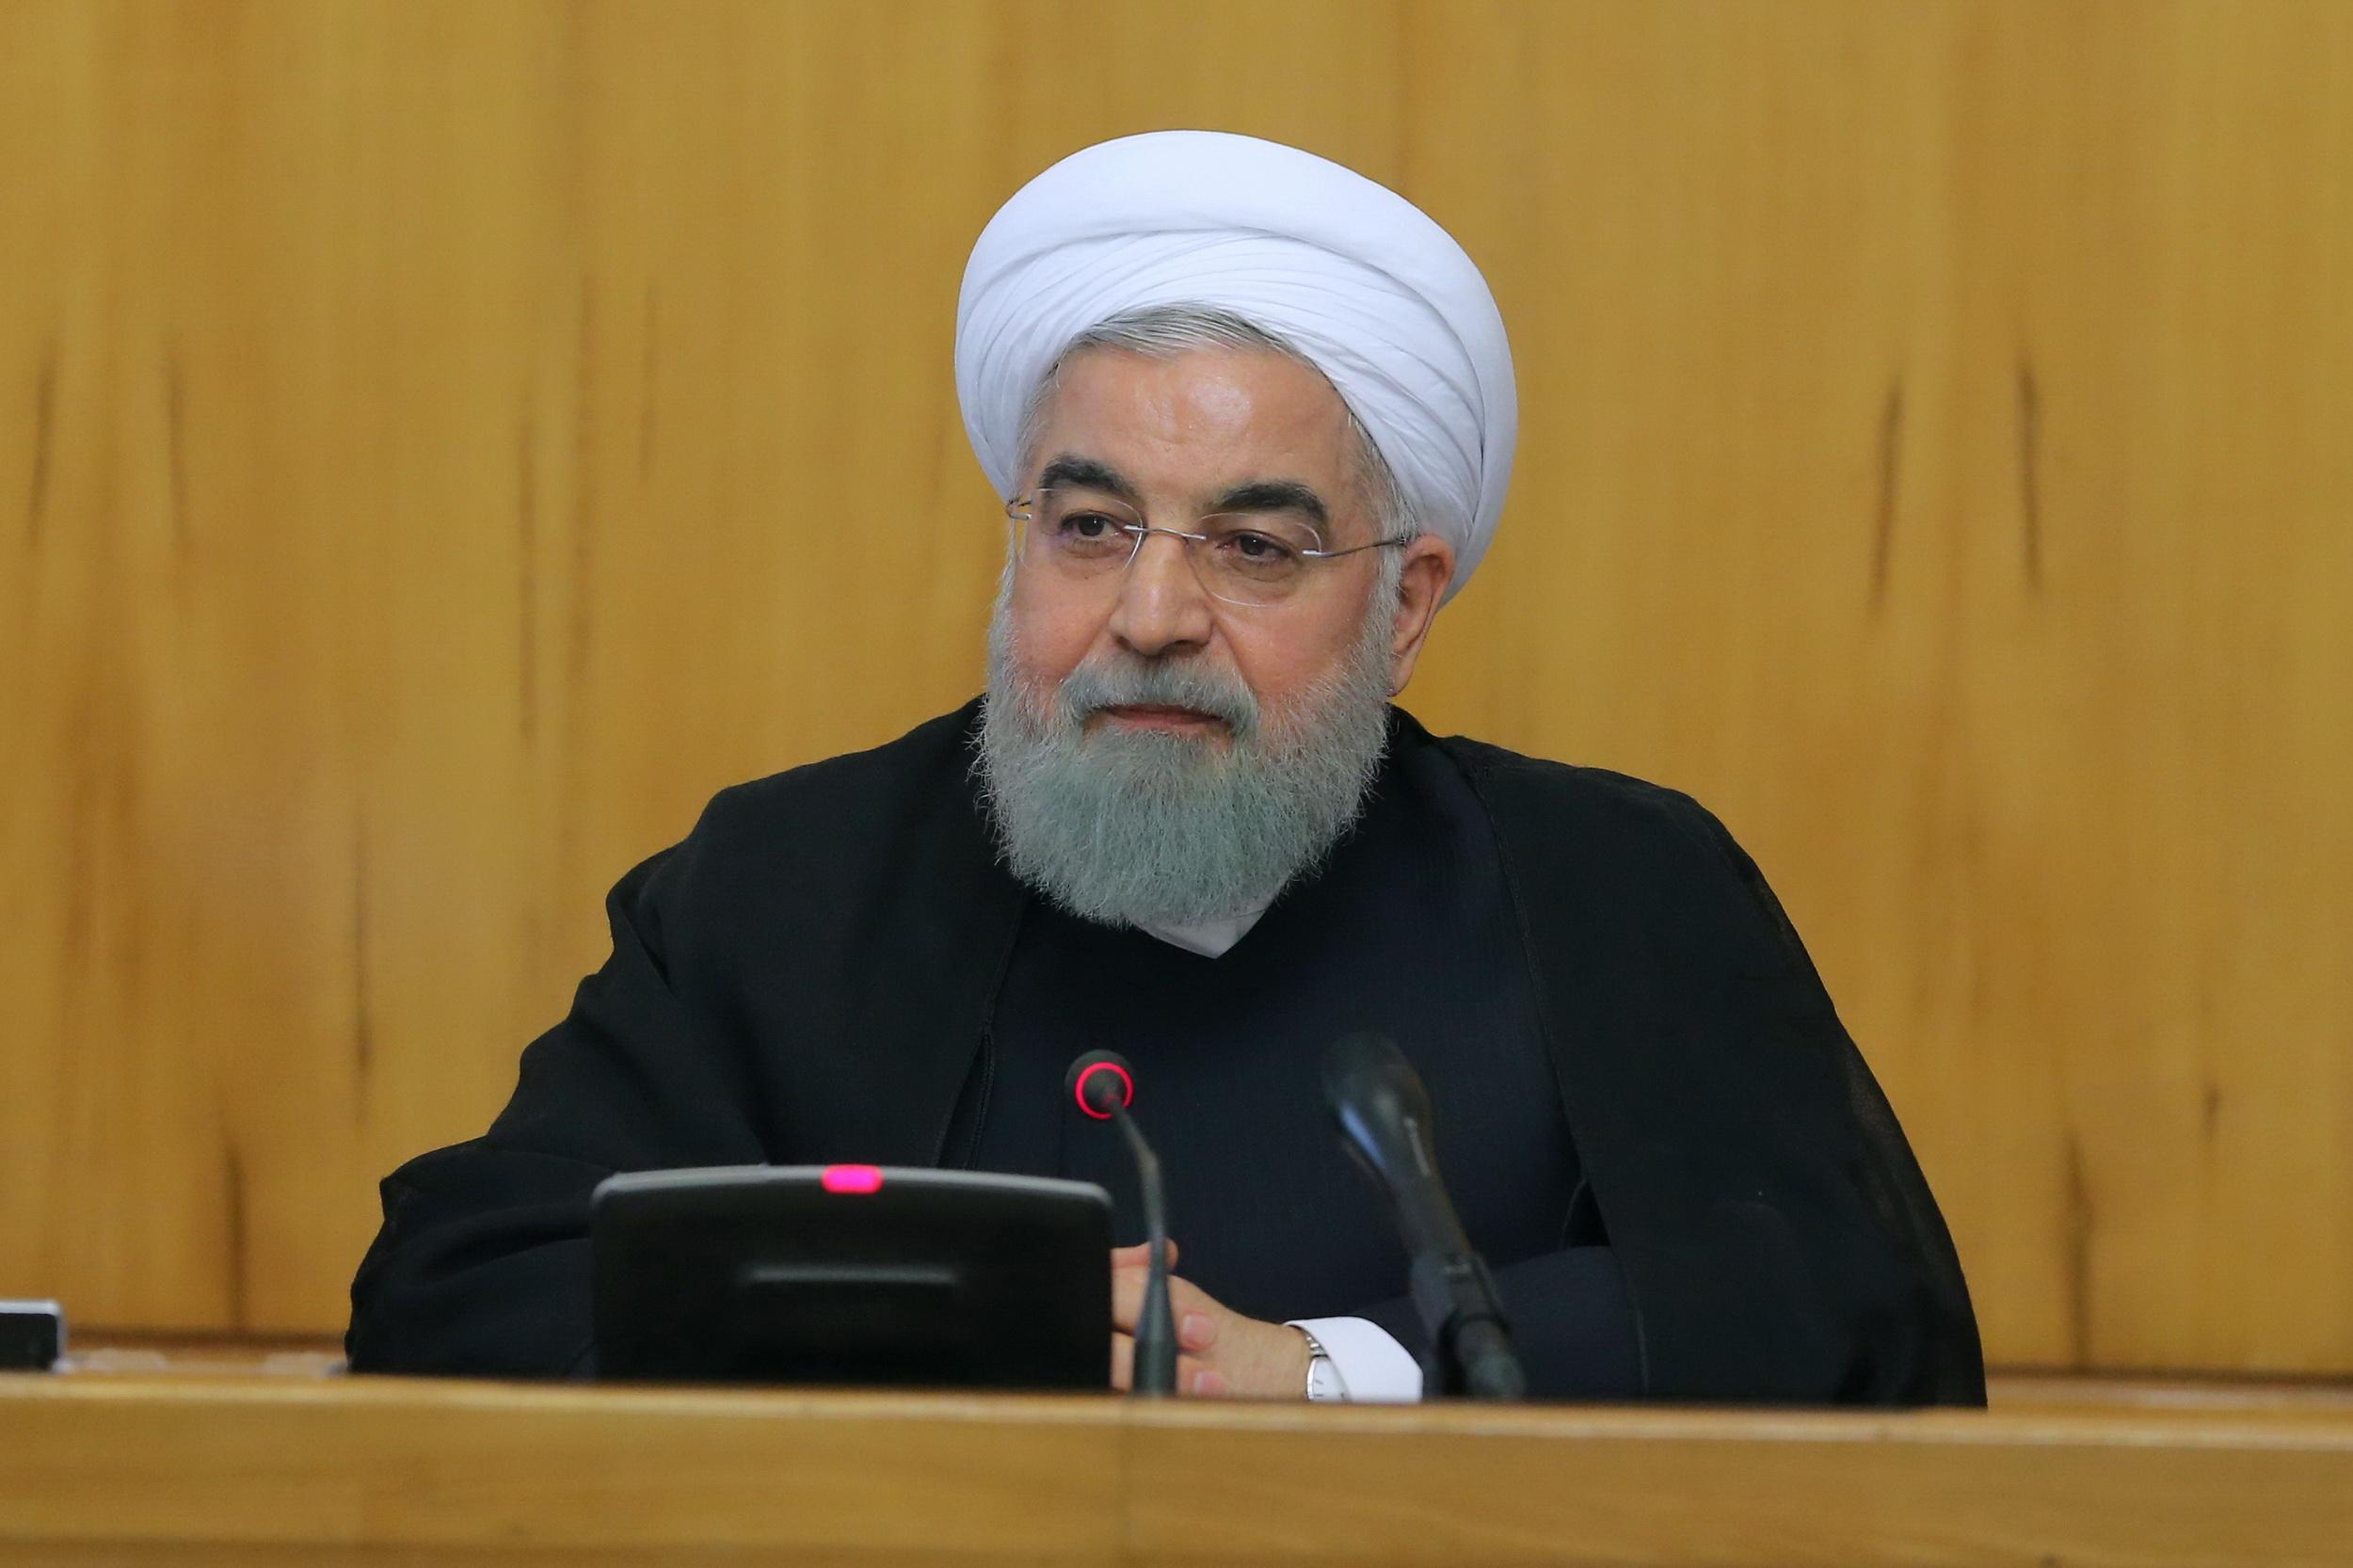 برجام یک آزمون بسیار بزرگ برای همه دولتهای جهان است/ سپاه پاسداران محبوب دل ملت ایران و مردم کشورهای منطقه هستند,